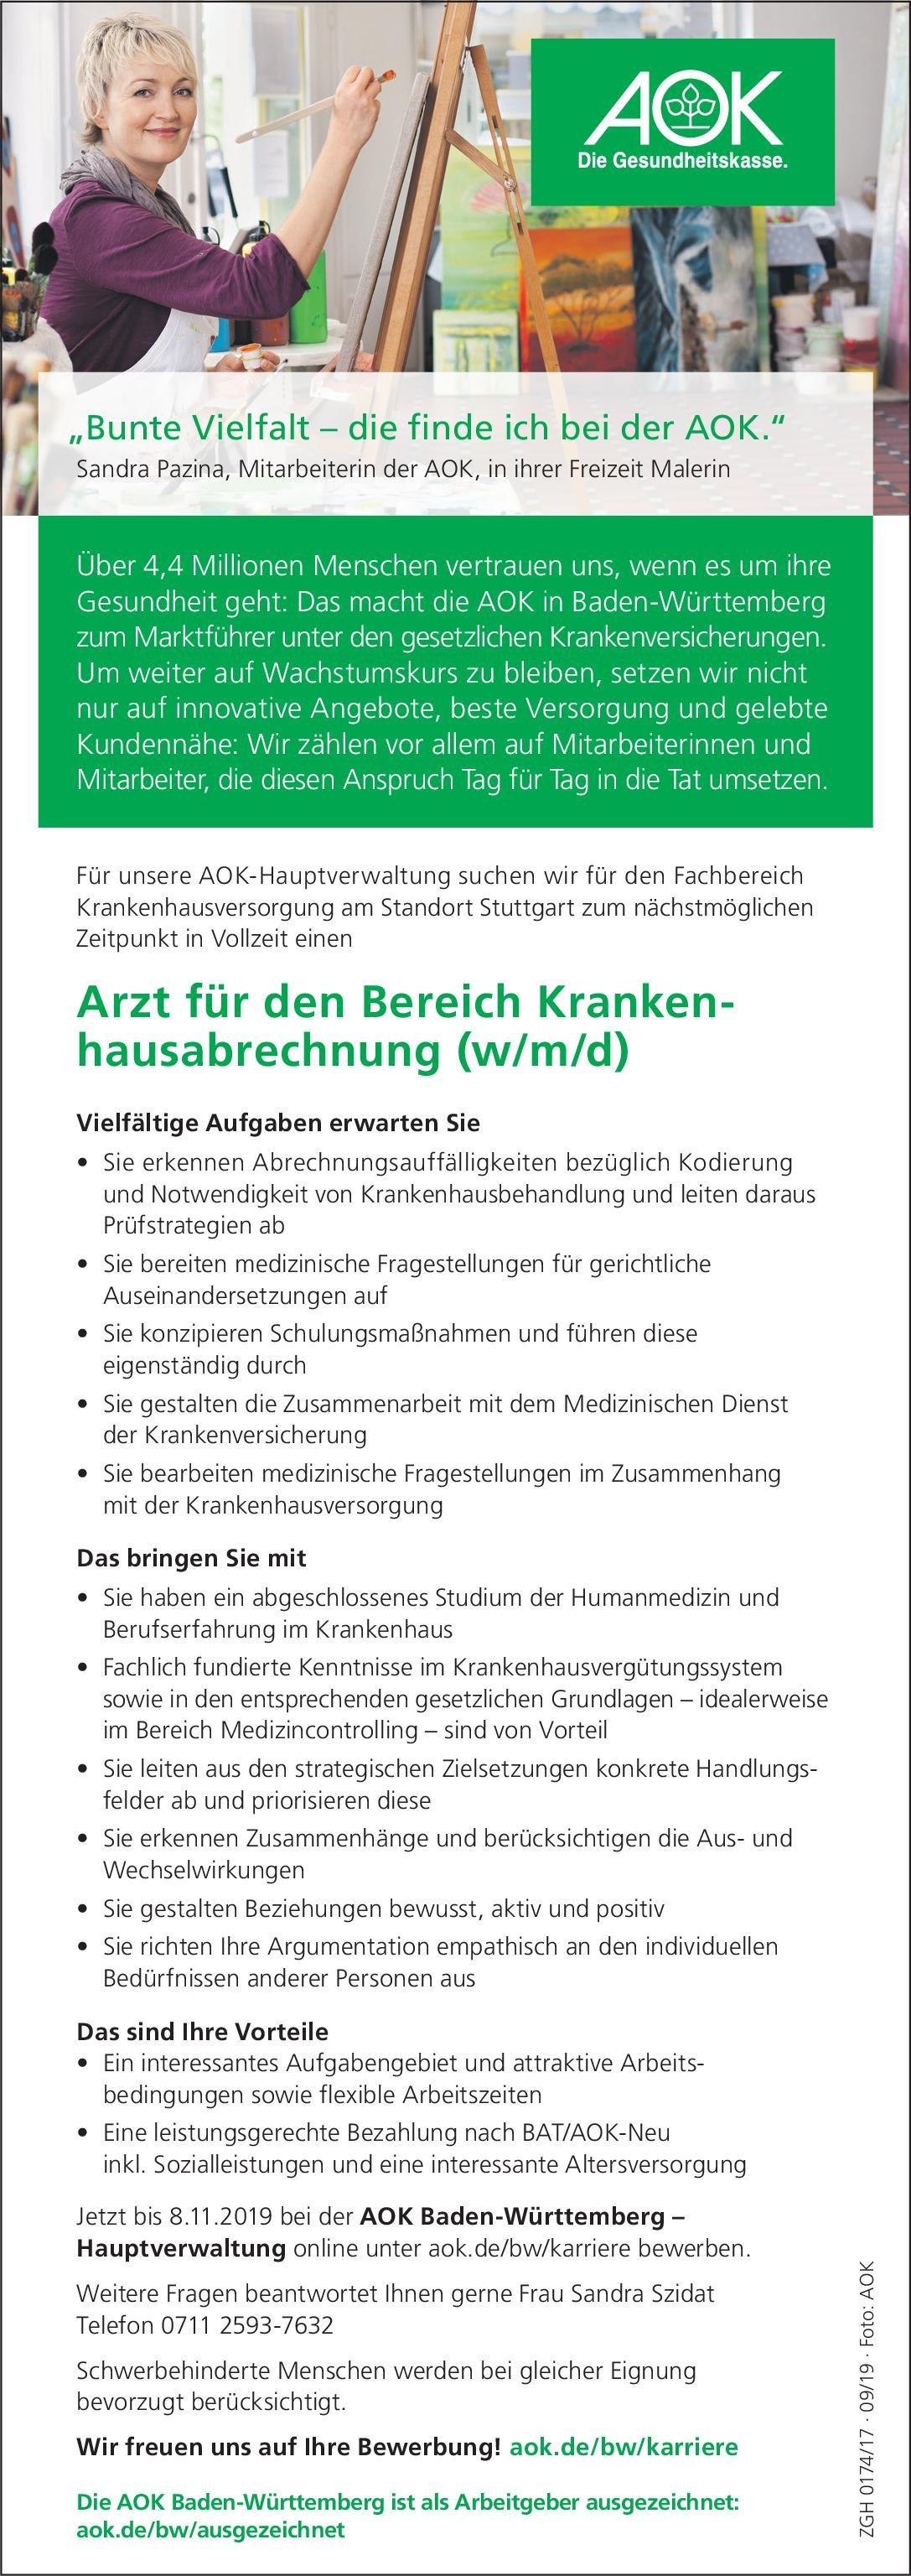 AOK Baden-Württemberg – Hauptverwaltung Arzt für den Bereich Krankenhausabrechnung (w/m/d) * ohne Gebiete Arzt / Facharzt